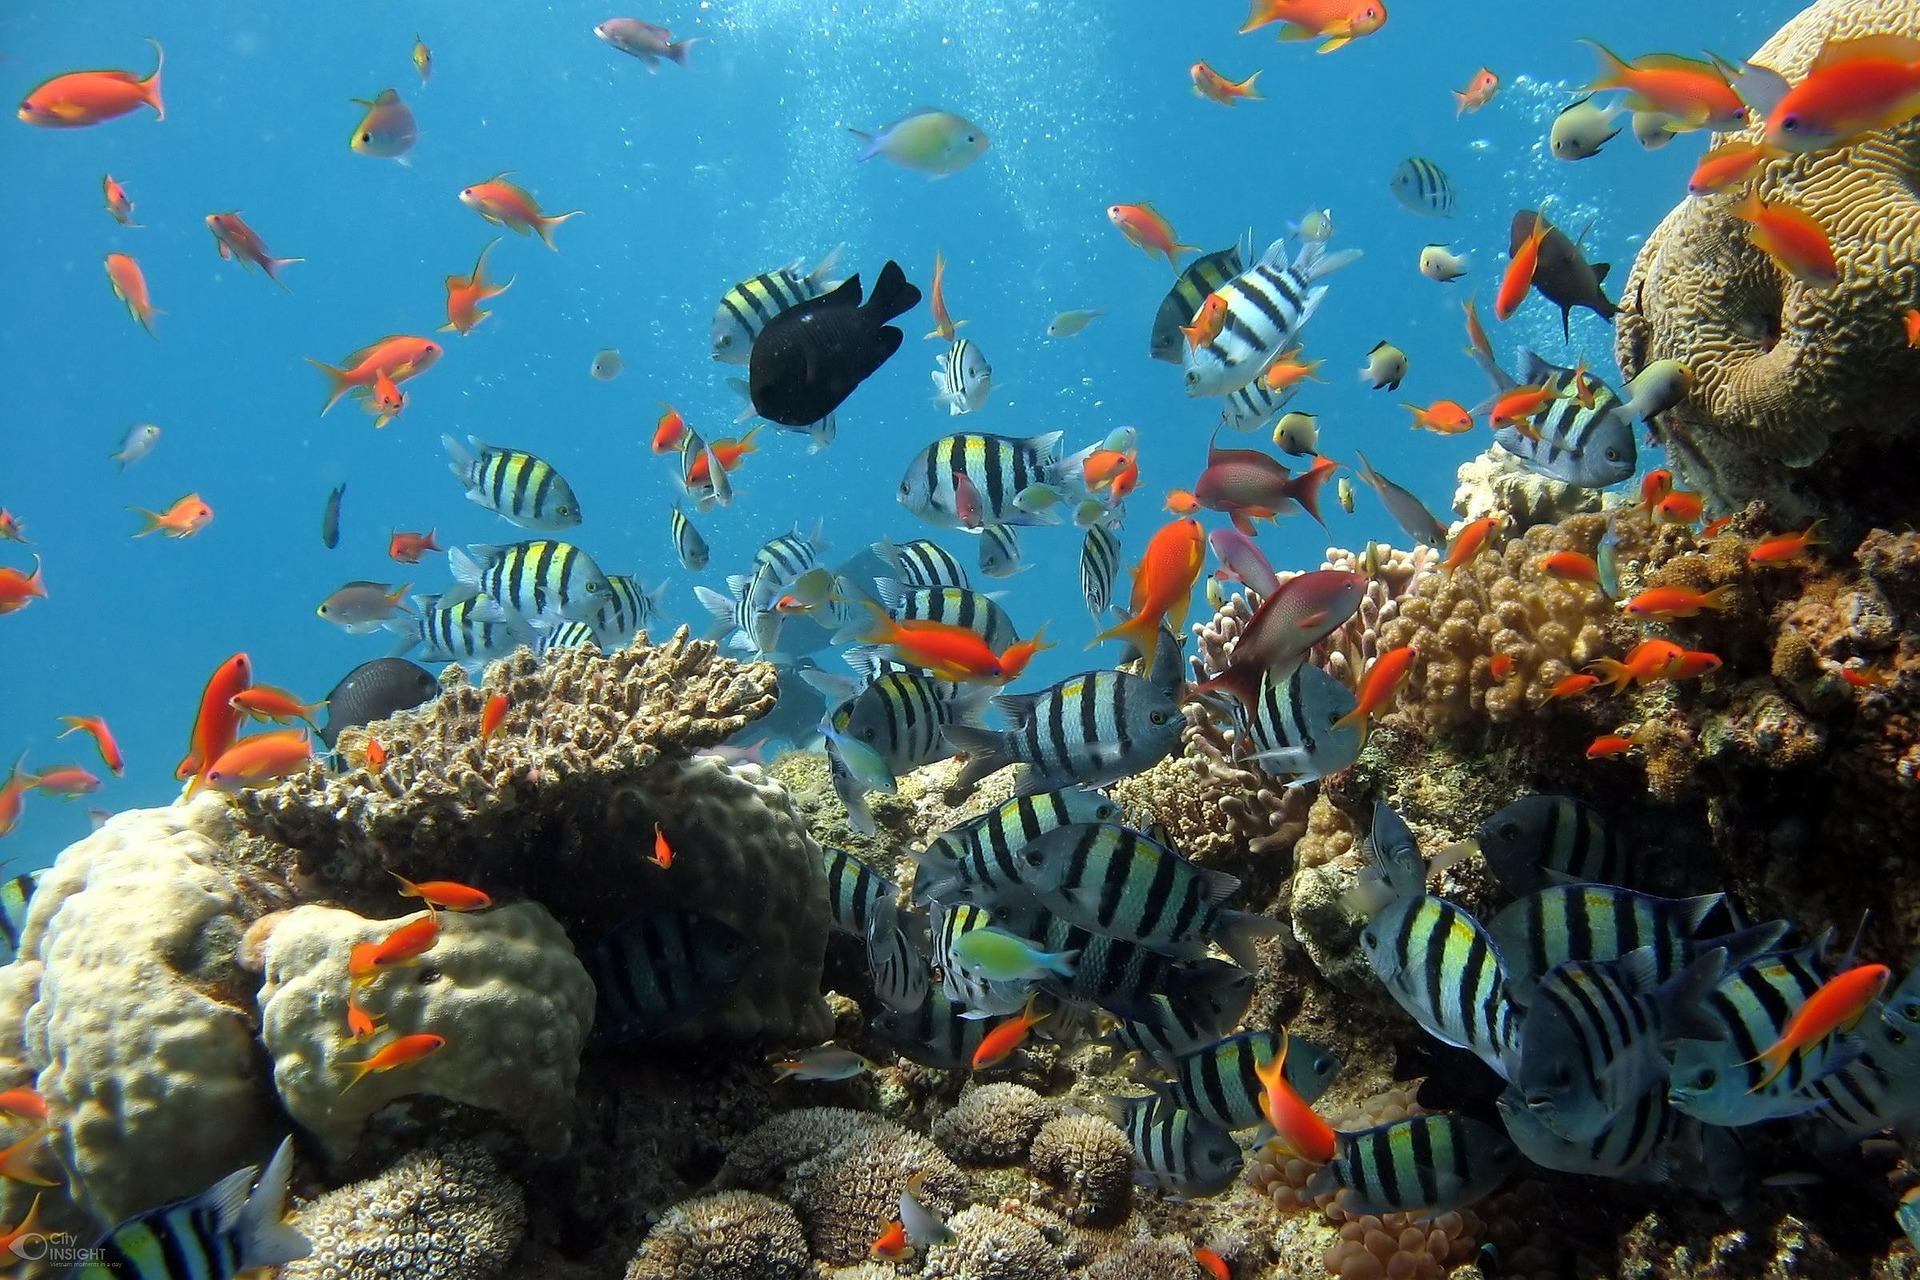 Od 2009. do 2018. nestalo 14 posto koraljnih grebena u svijetu